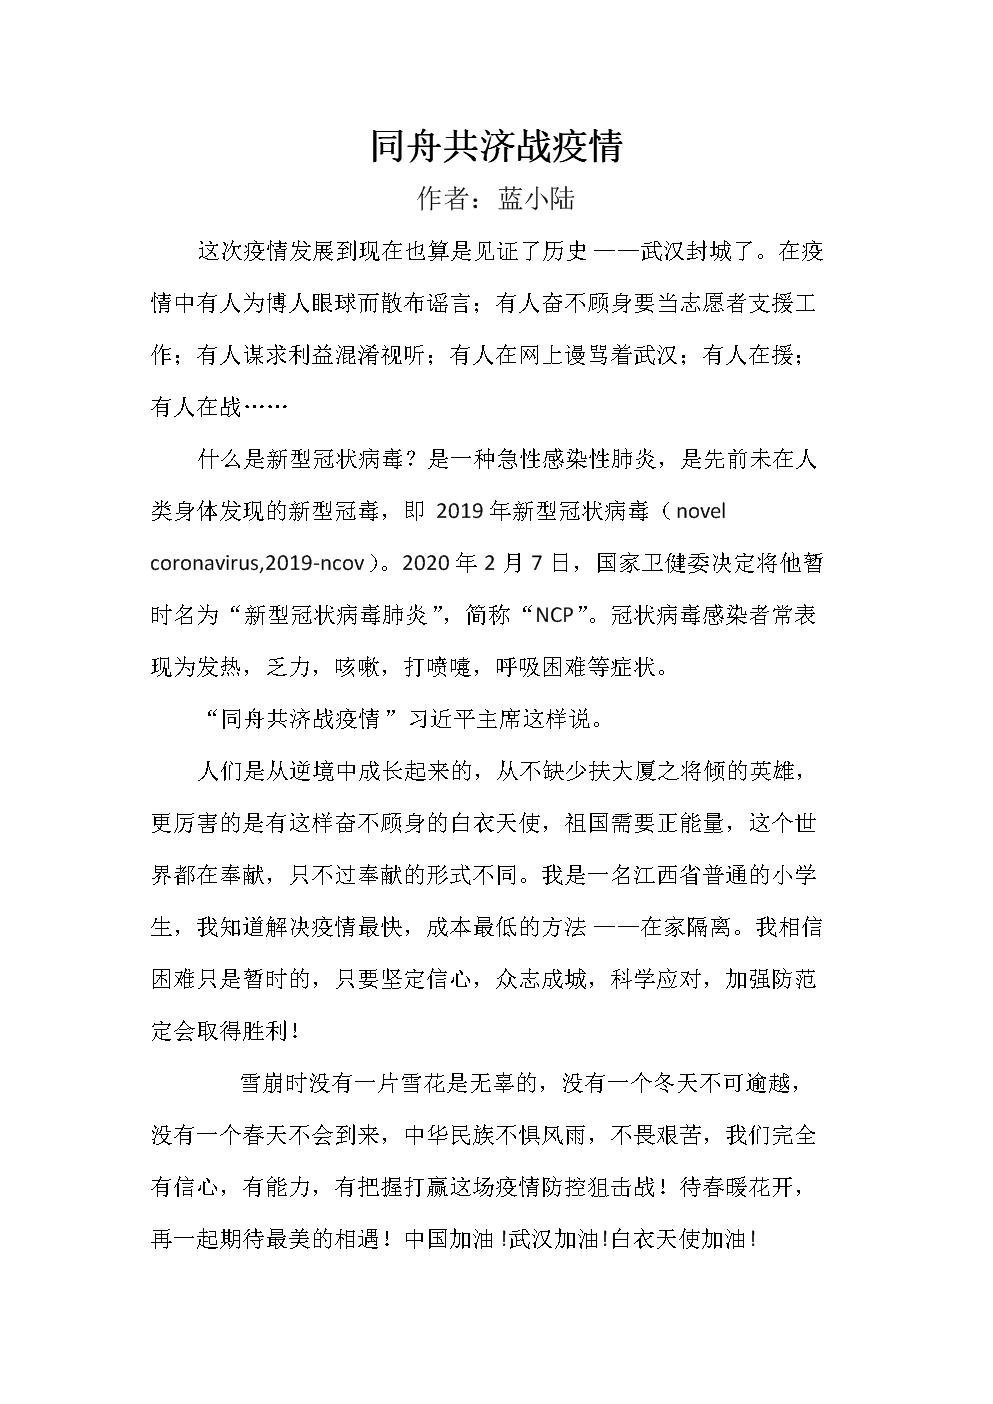 同舟共济战疫情.doc